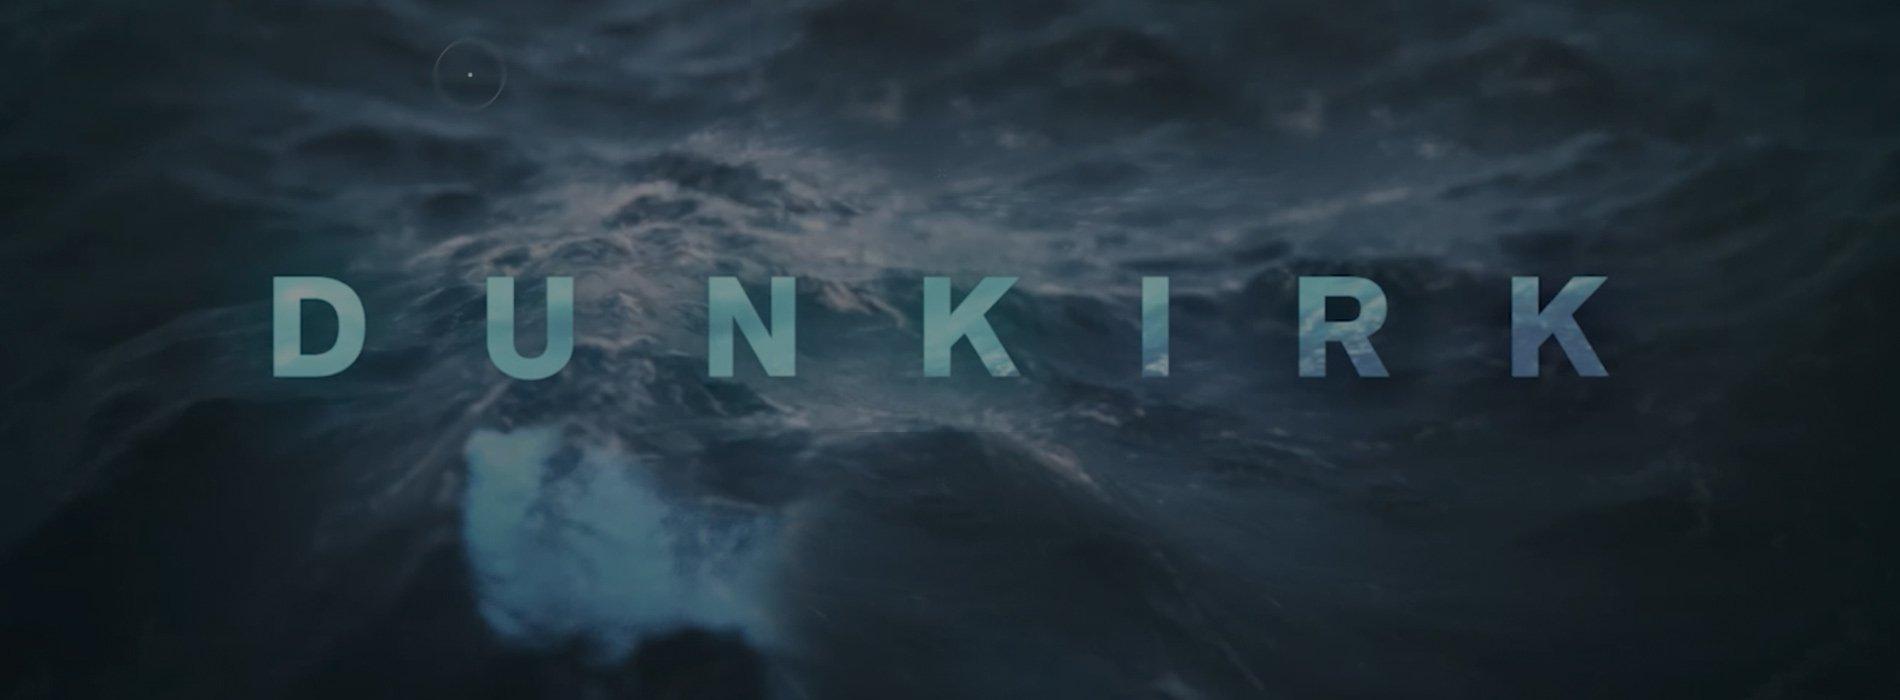 Dunkirk WebVR